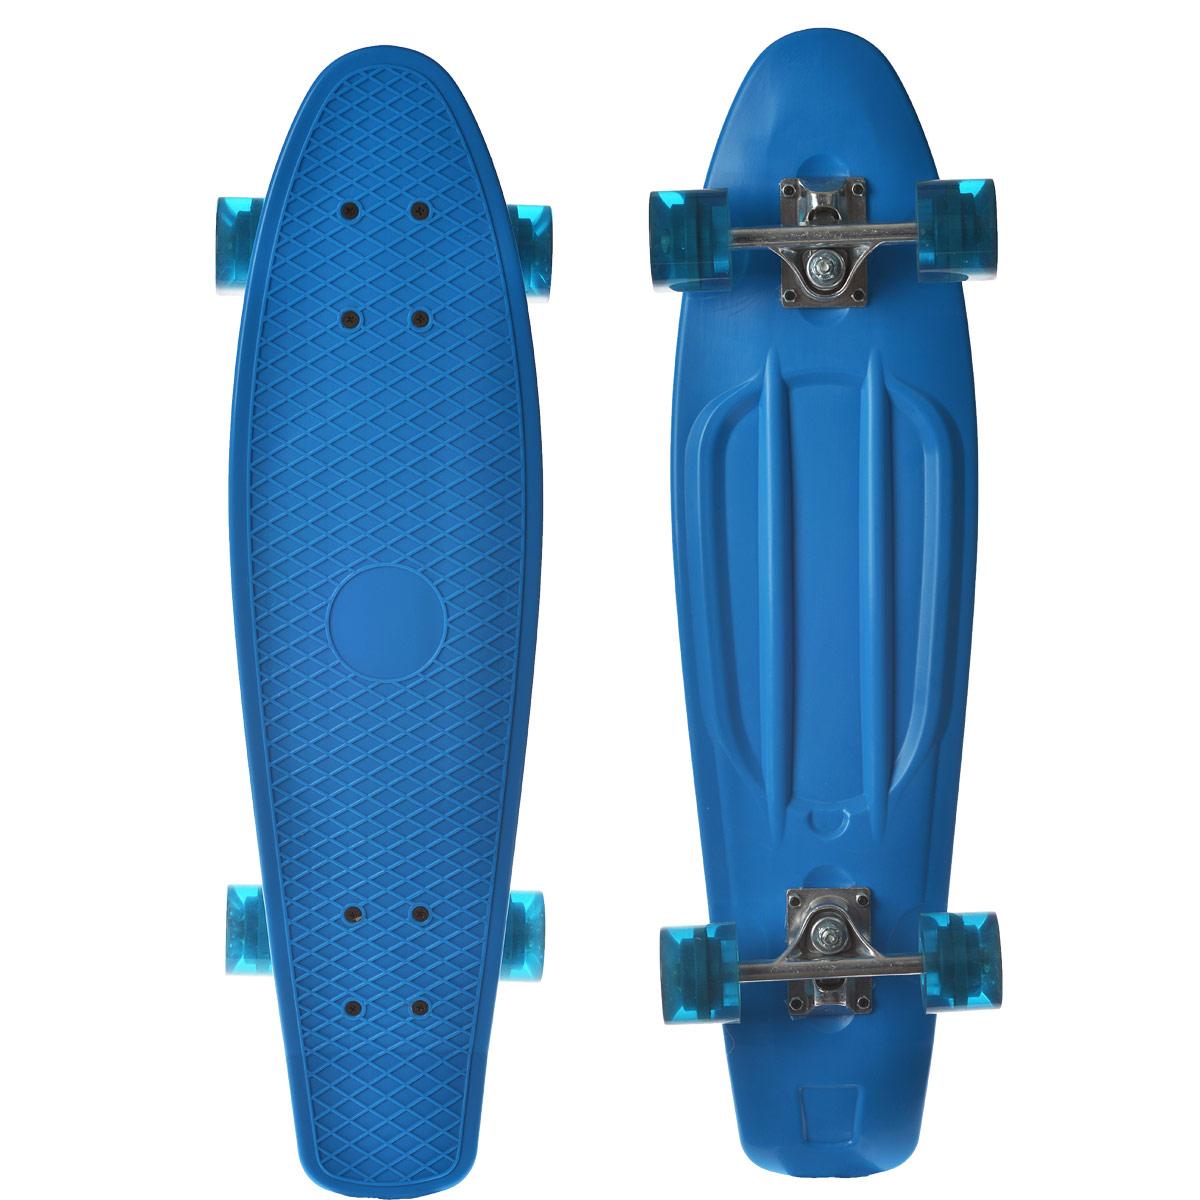 Скейтборд пластиковый Action, цвет: голубой, дека 71 см х 19 смKarjala Comfort NNNПенни борд Action - всеми любимый скейт с усиленной защитой. Эта простая модель без вычурных рисунков позволяет сосредоточиться исключительно на занятии спортом. Скейтборд купить можно подростку любого возраста или даже ребенку.Материал, из которого изготовлено изделие - усиленный пластик. Визуально верхняя часть изделия напоминает стопу. Антискользящая поверхность позволяет совершать любые трюки. Полиуретановые колеса помогут быстро набрать разгон и эффектно тормозить.